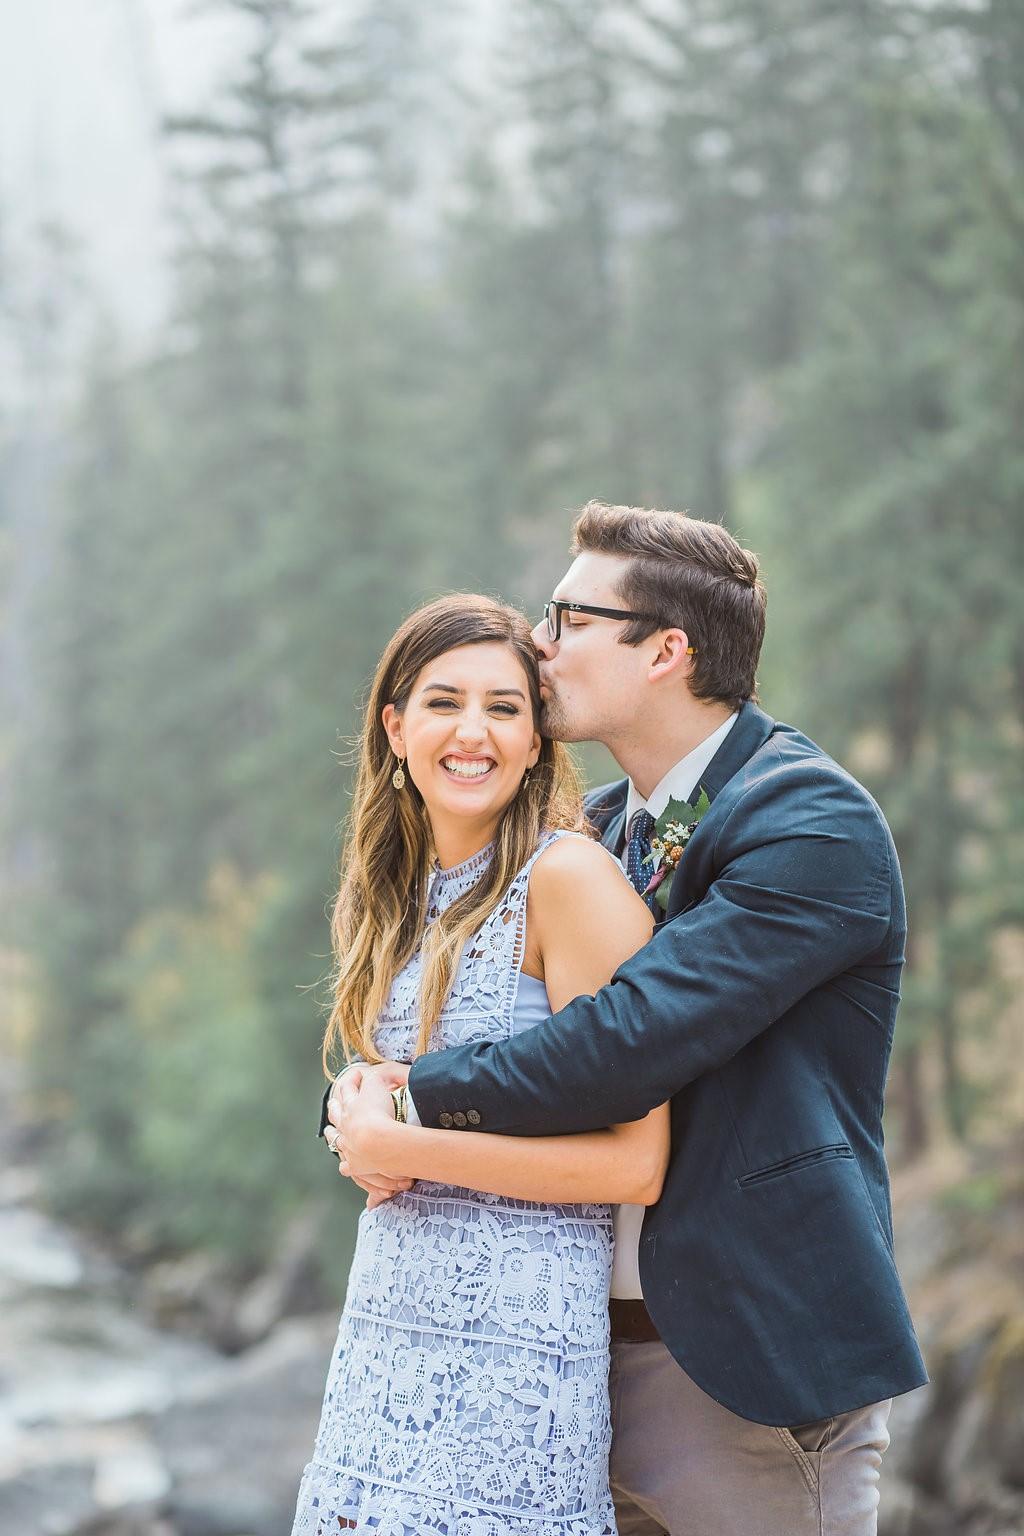 adorable couple photos